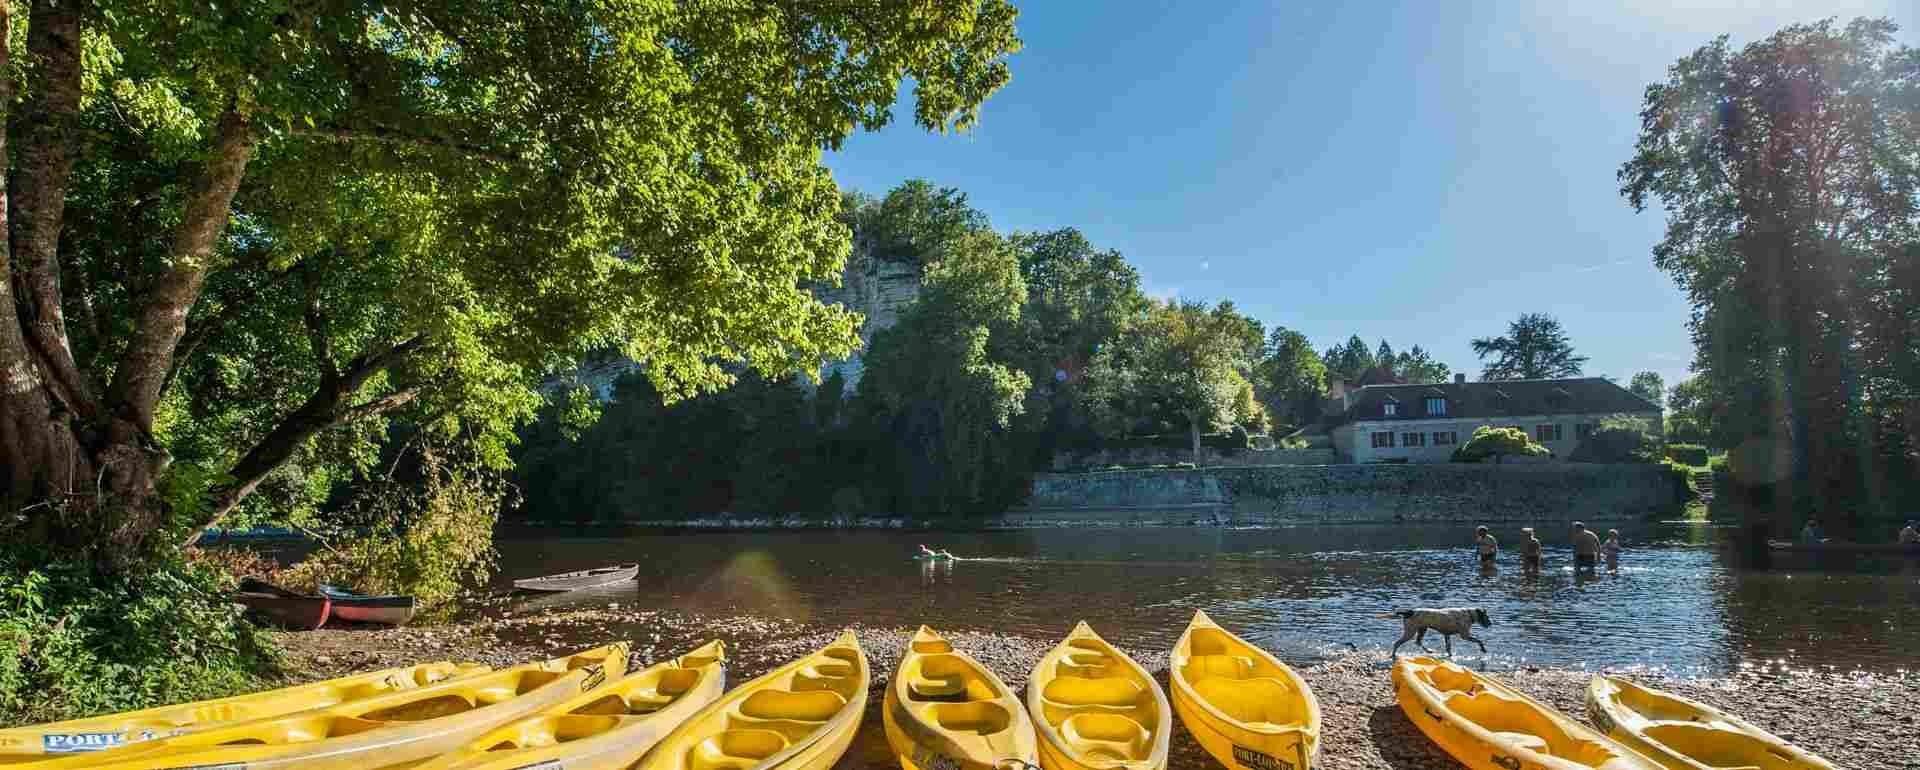 Location de canoe? - Port Loisirs a? Creysse © Lot Tourisme